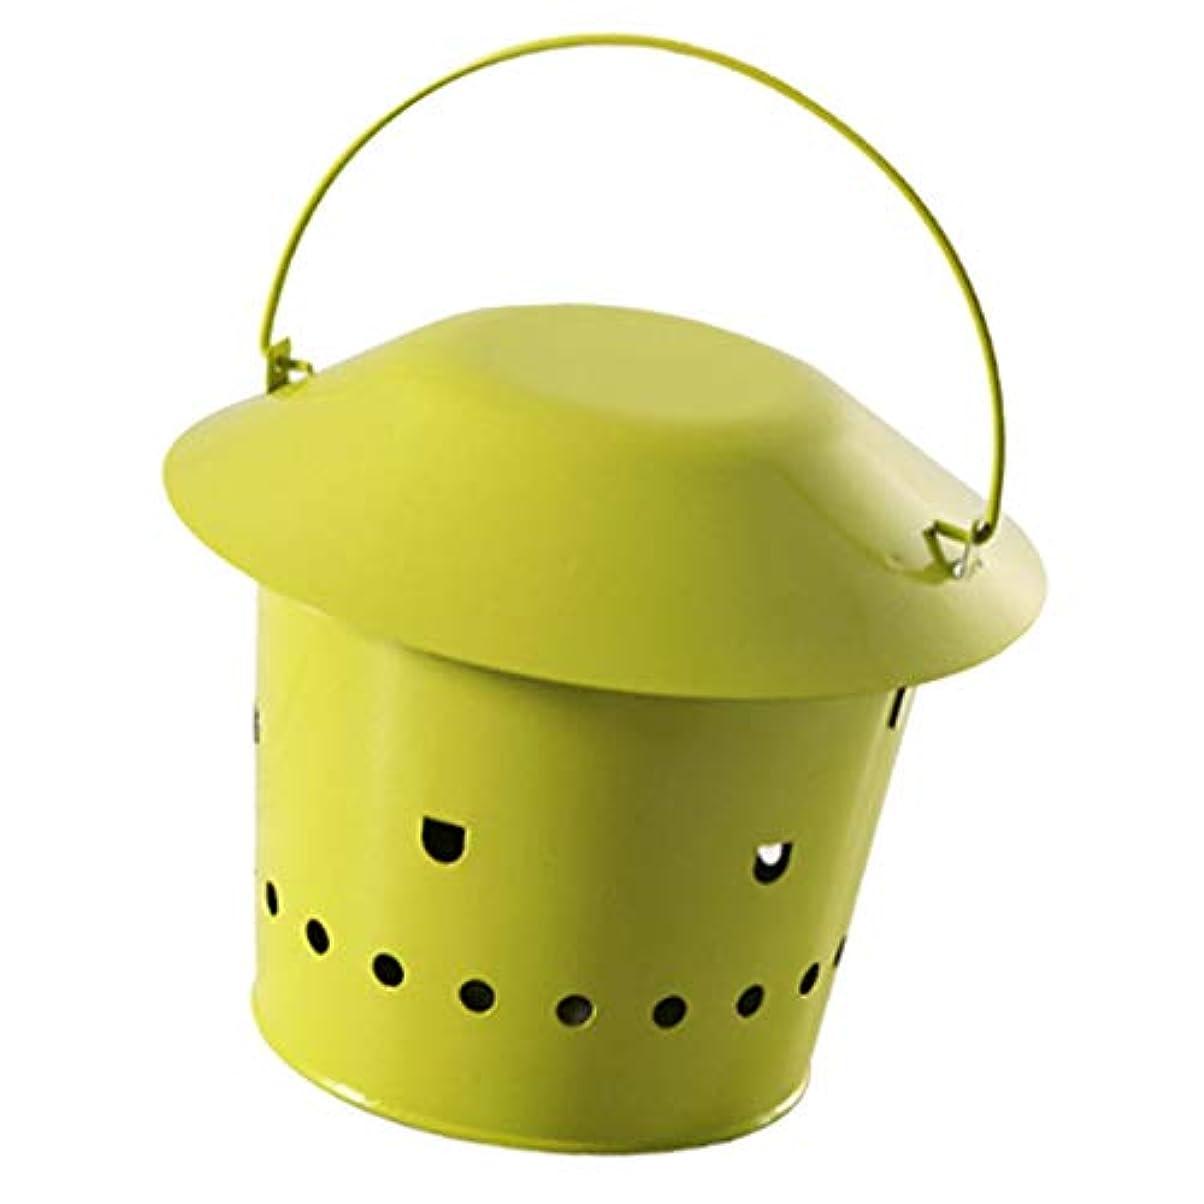 スクランブルボーナスマット蚊取り線香 ホルダー 創造的 携帯用 モスキートコイルホルダー - 緑